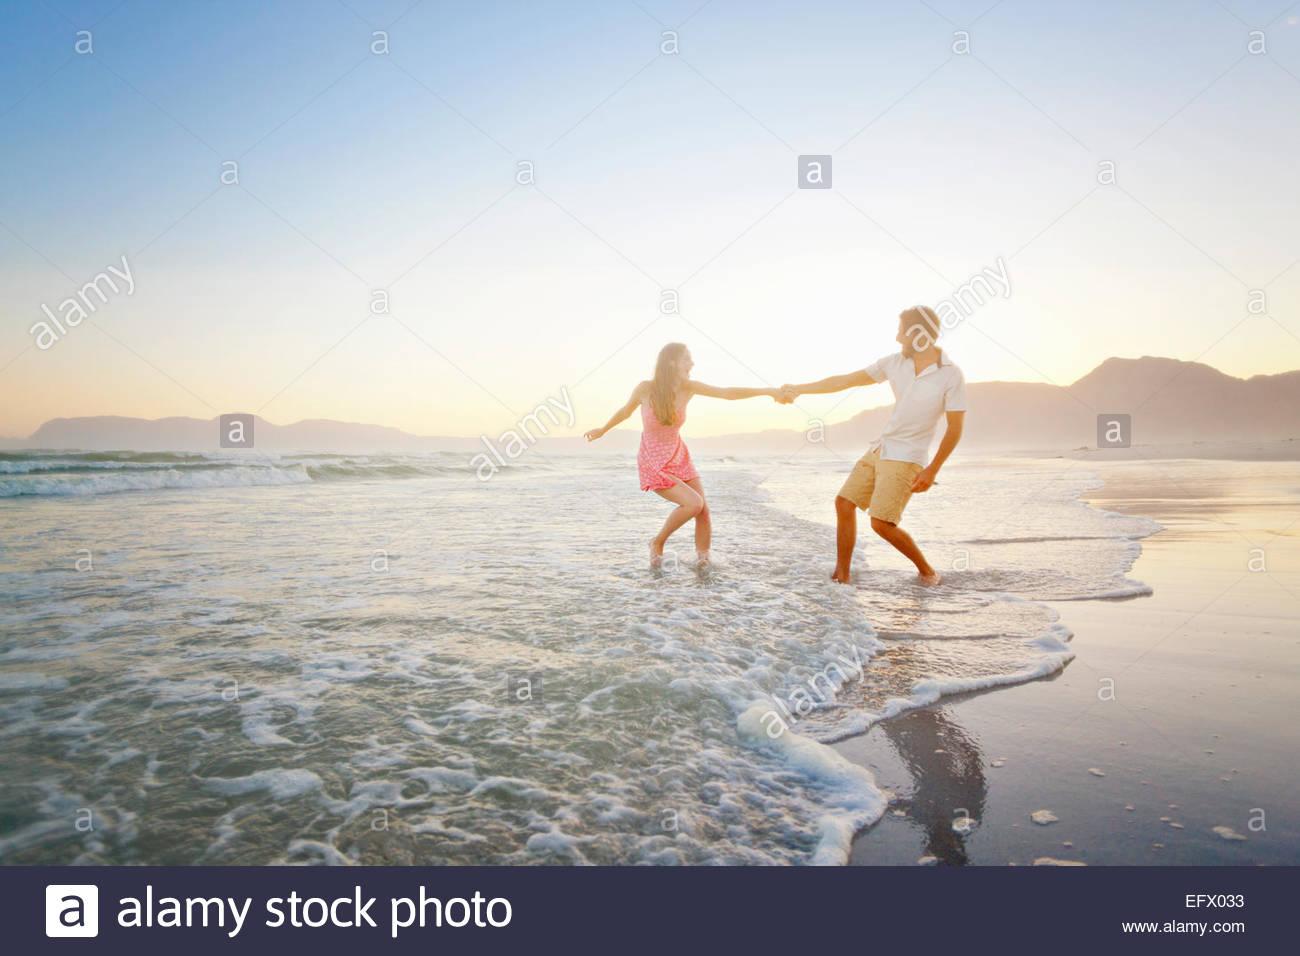 Paar, Hand in Hand, spielerisch zu Fuß durch Wellen am Sonnenstrand Stockbild